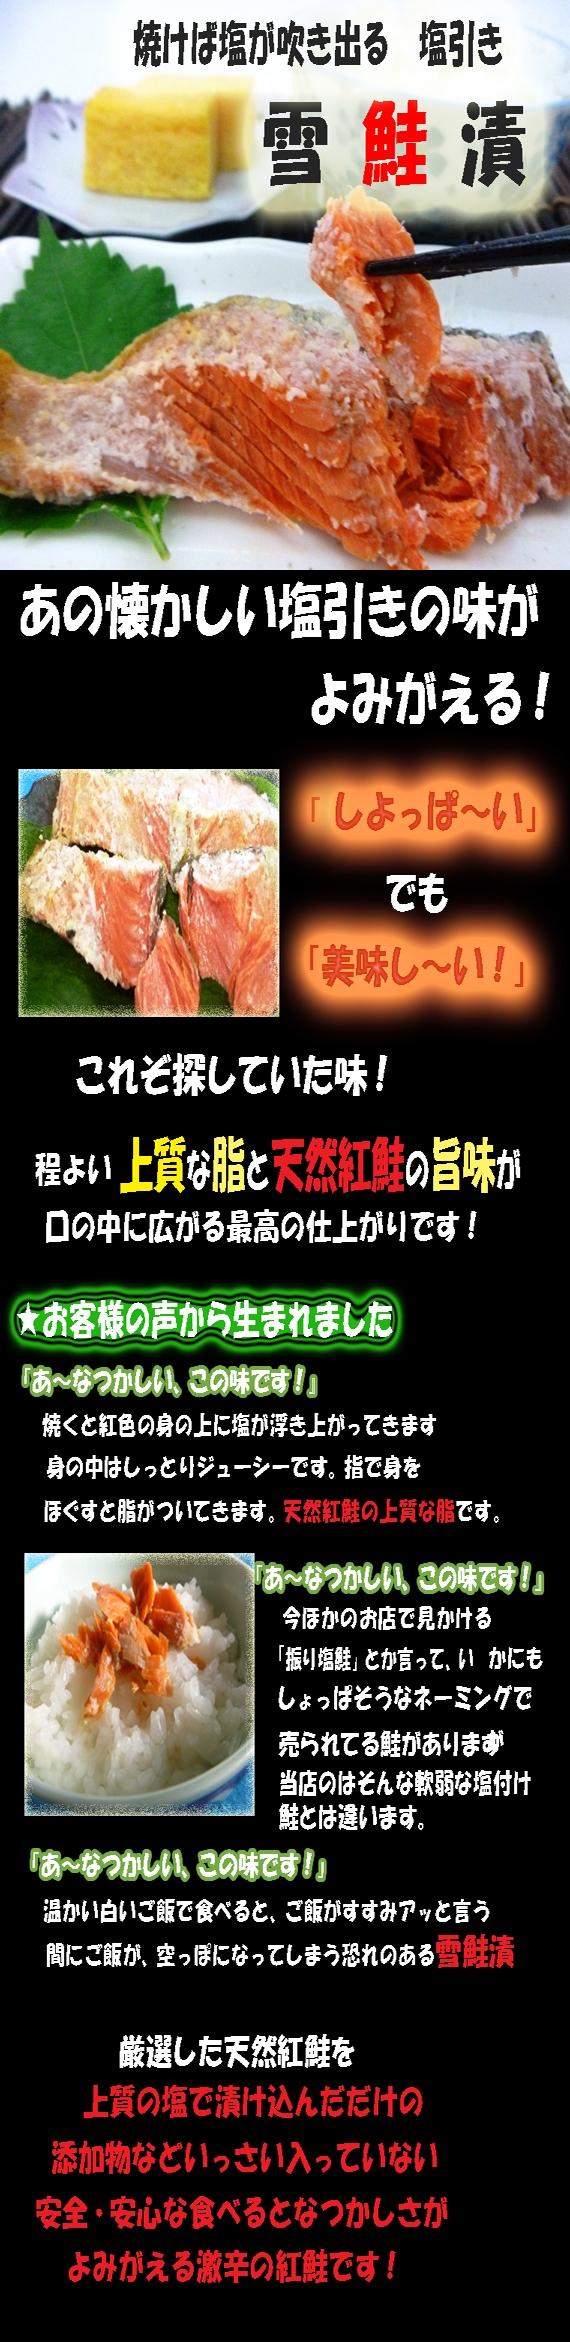 ★昔懐かしい塩鮭を天然紅鮭で再現! 幻のしょっぱい紅鮭 雪鮭漬【父の日2020】【グルメ・おつまみ】